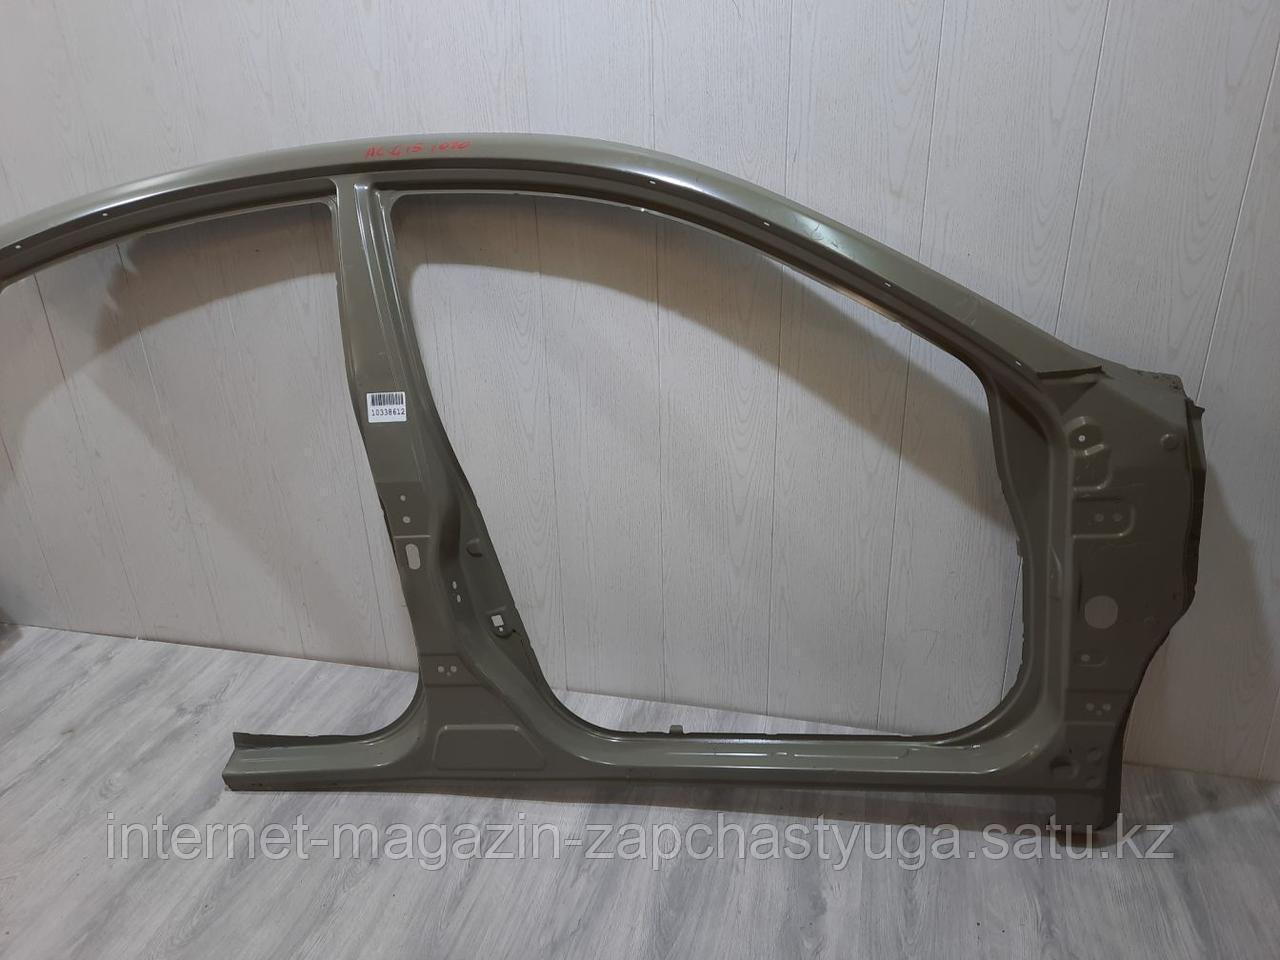 76022-4AA8A Боковина кузова правая для Nissan Almera G15 2012-2018 Б/У - фото 3